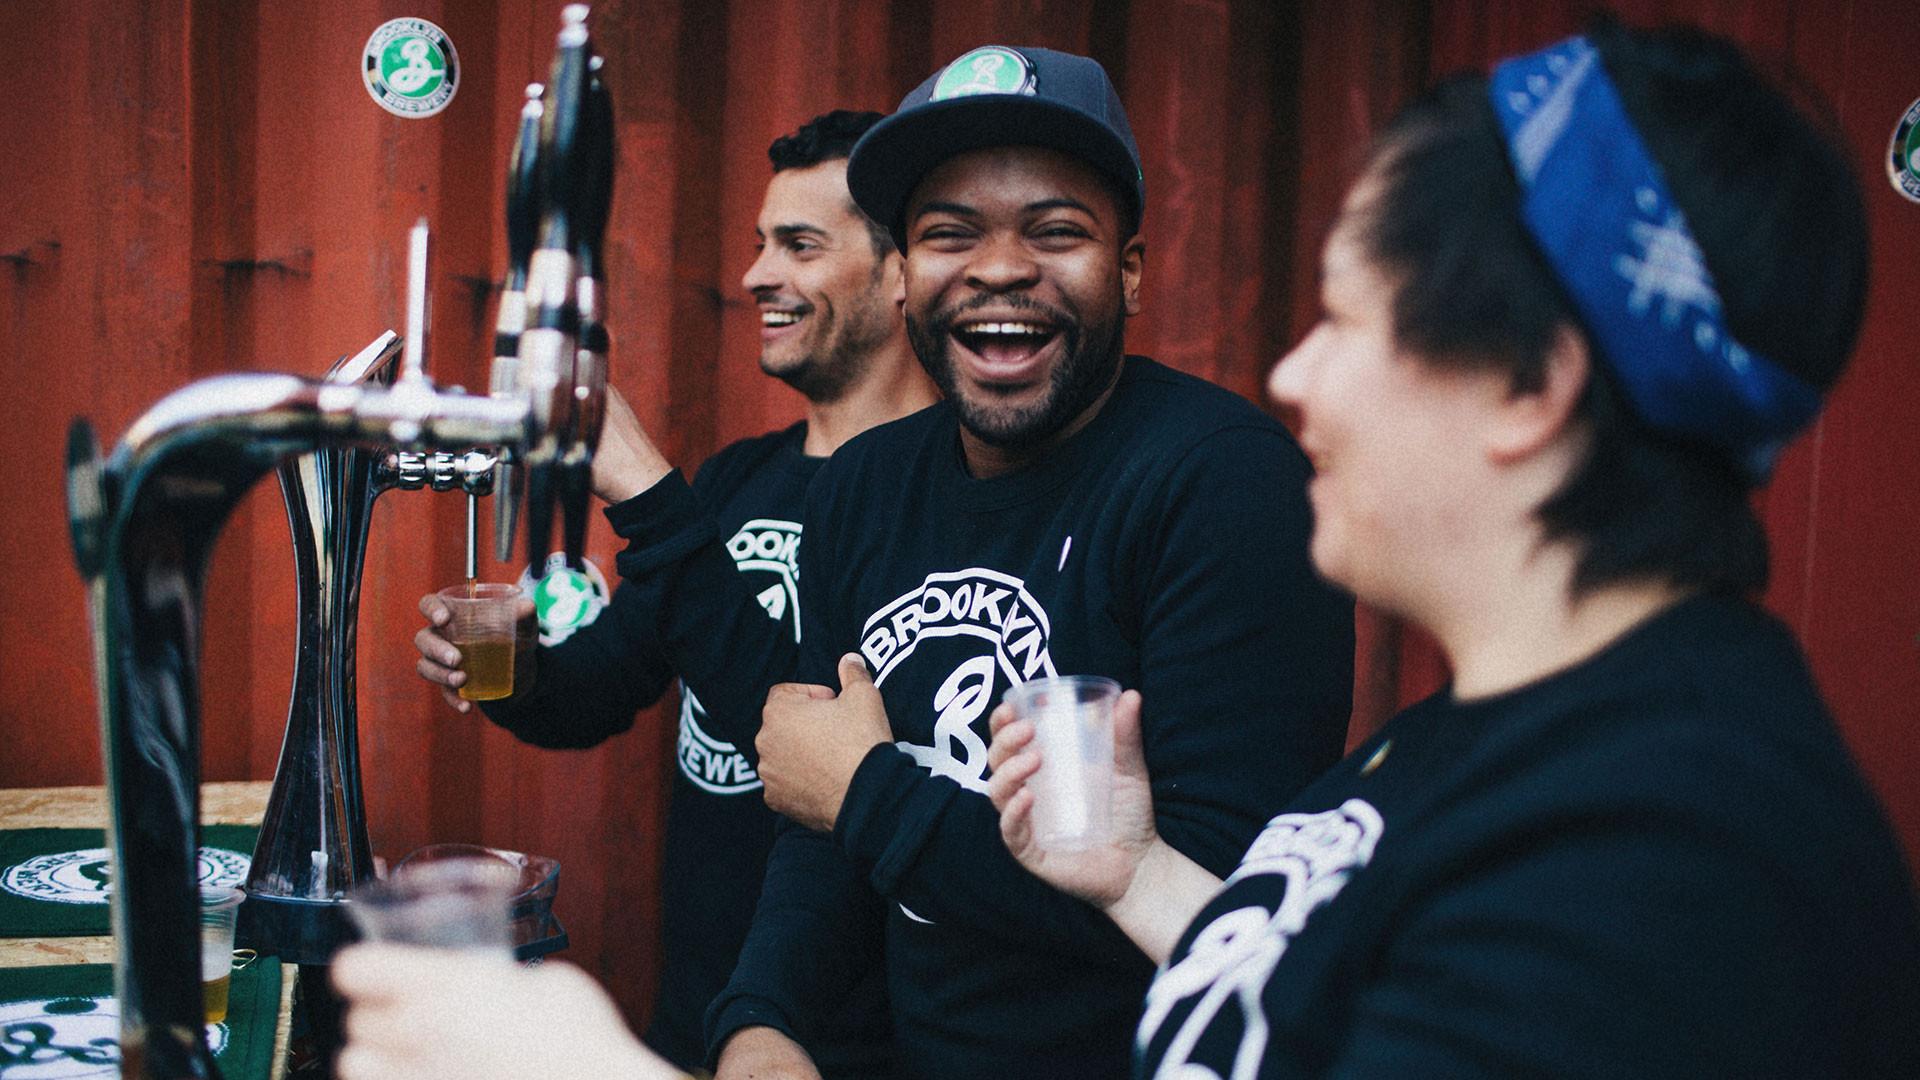 Brooklyn Brewery MASH Beer Mansion